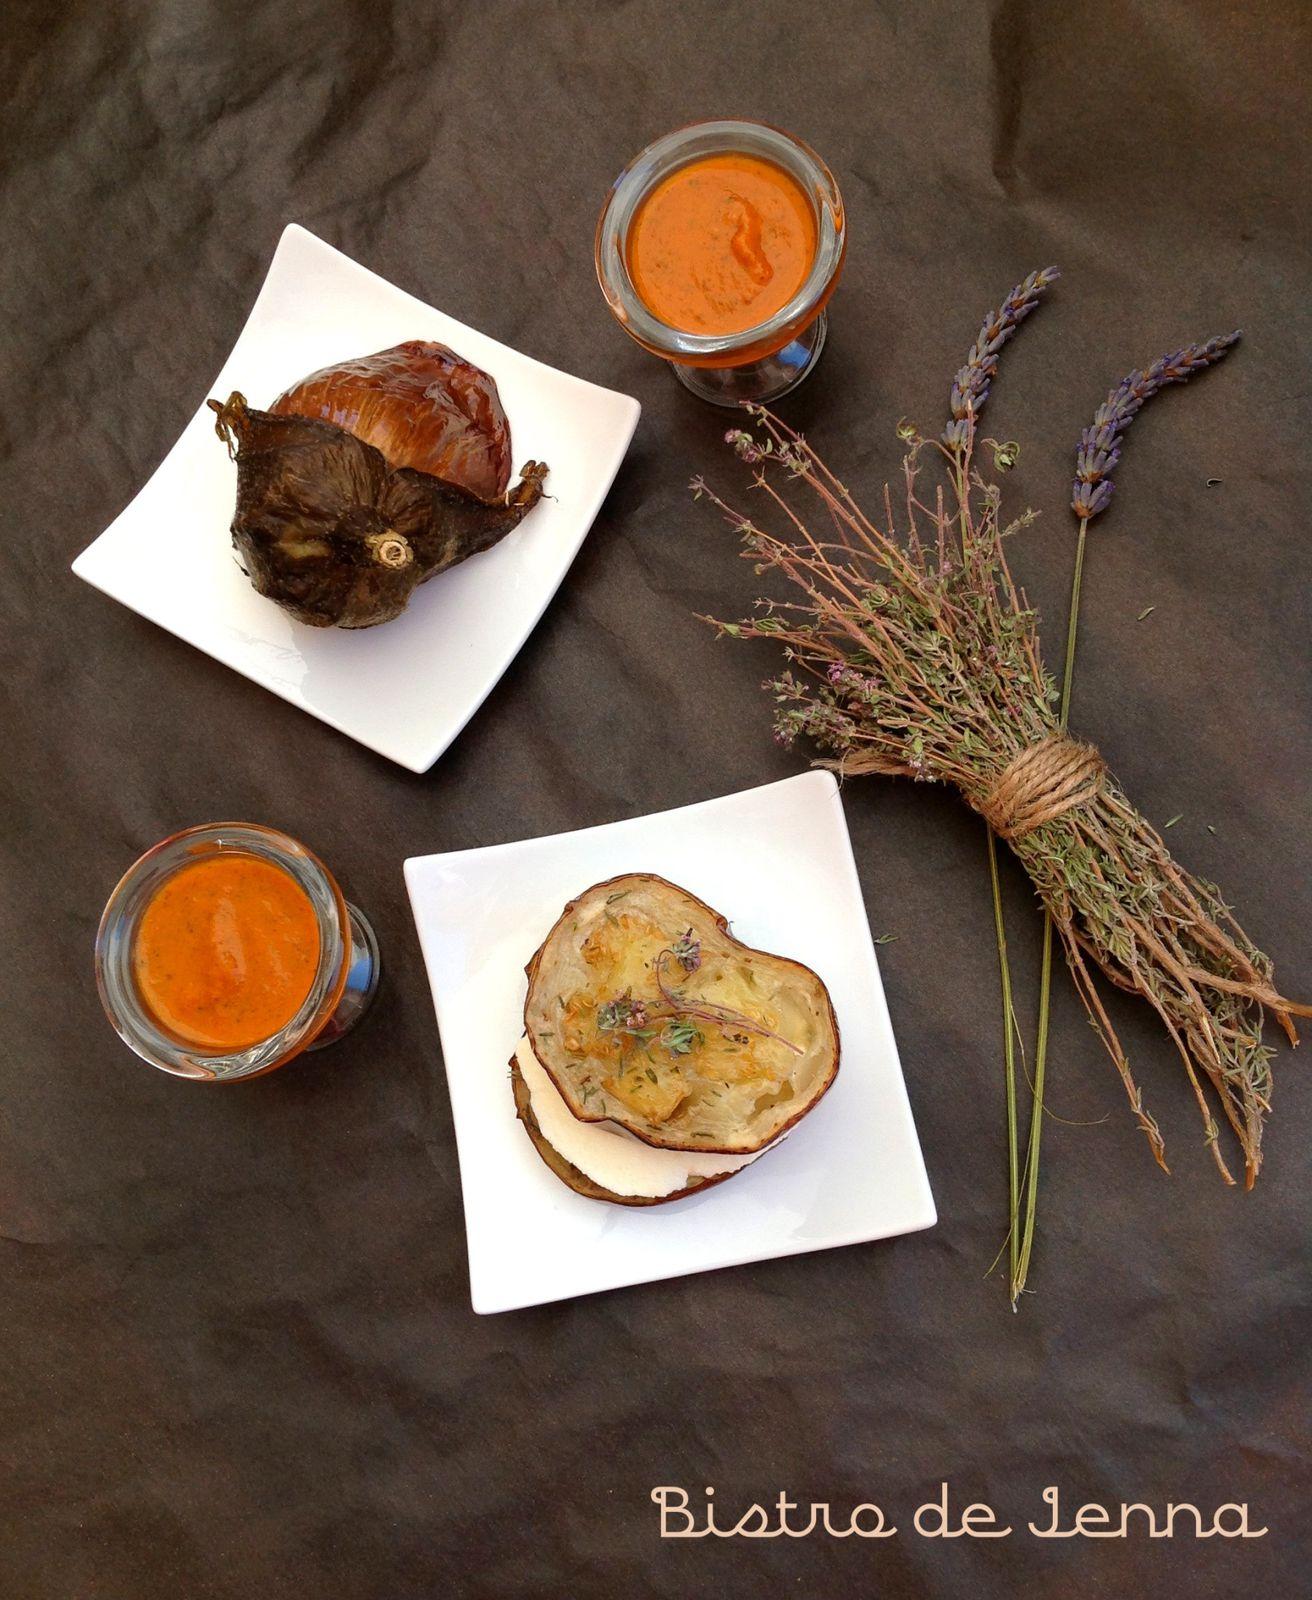 Ma sauce aux poivrons servie dans les jolies coquetiers cocoon commander sur  http://www.latabledarc.com/